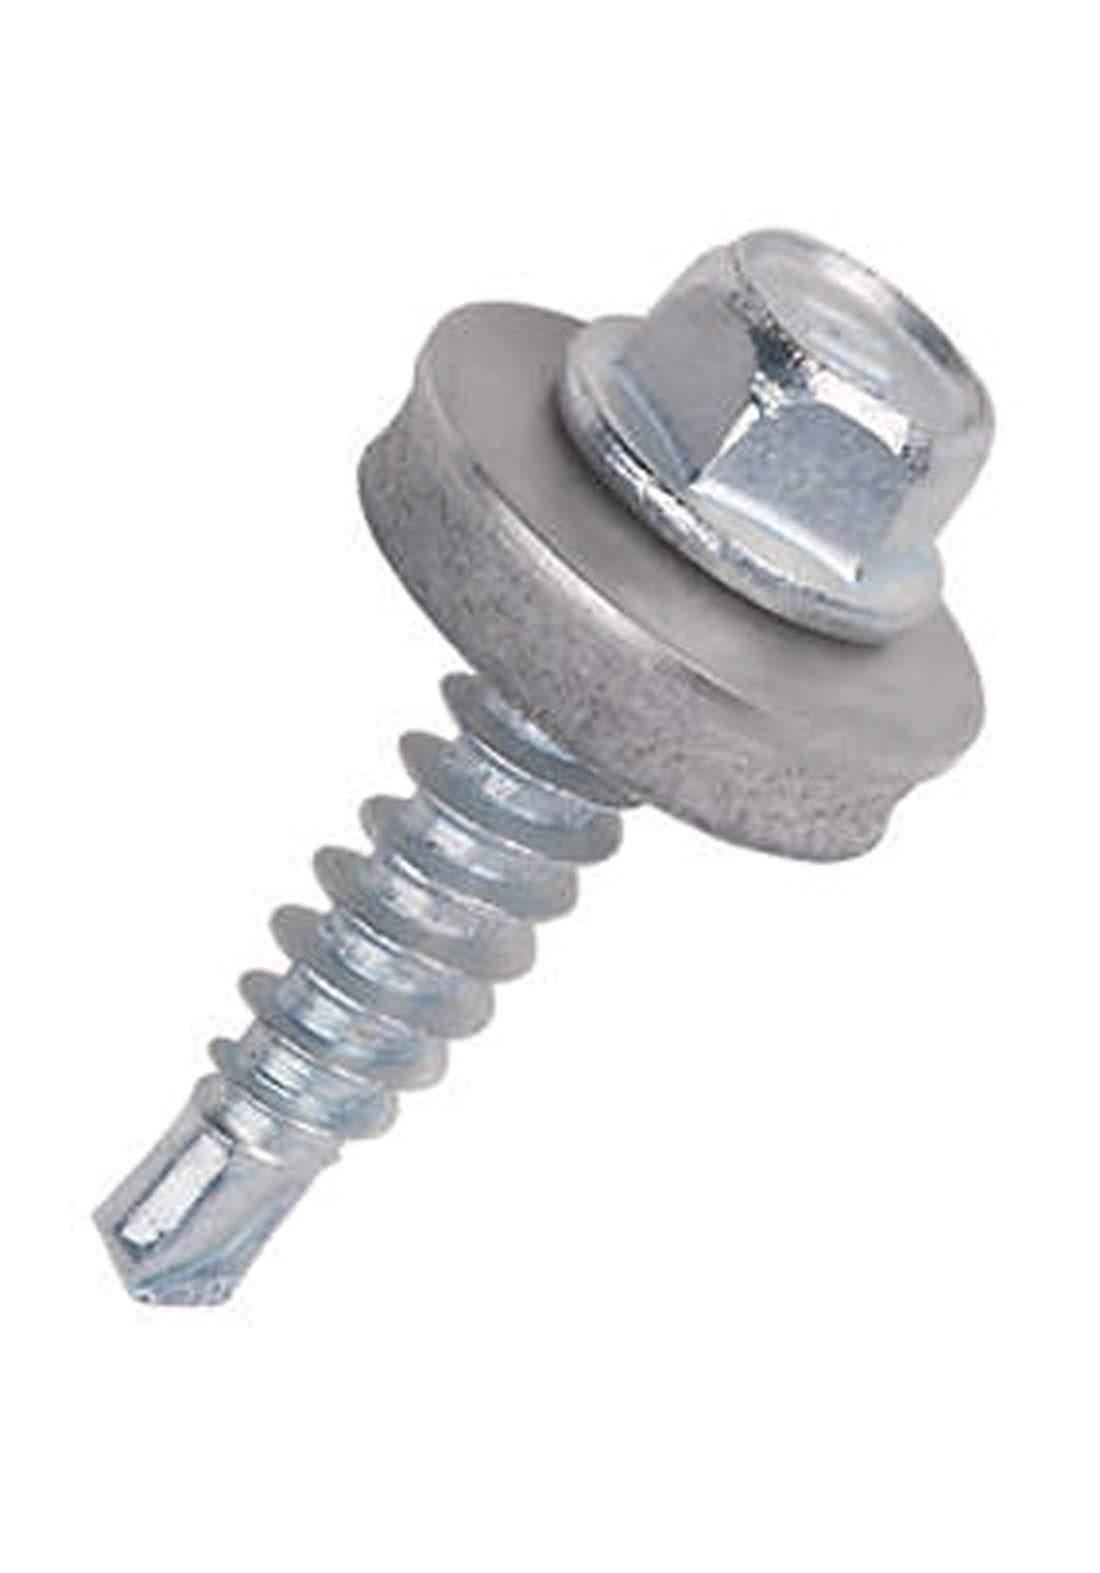 Patta Self Drilling Screw Hex Washer Head 6.3*75 mm  برغي برينة